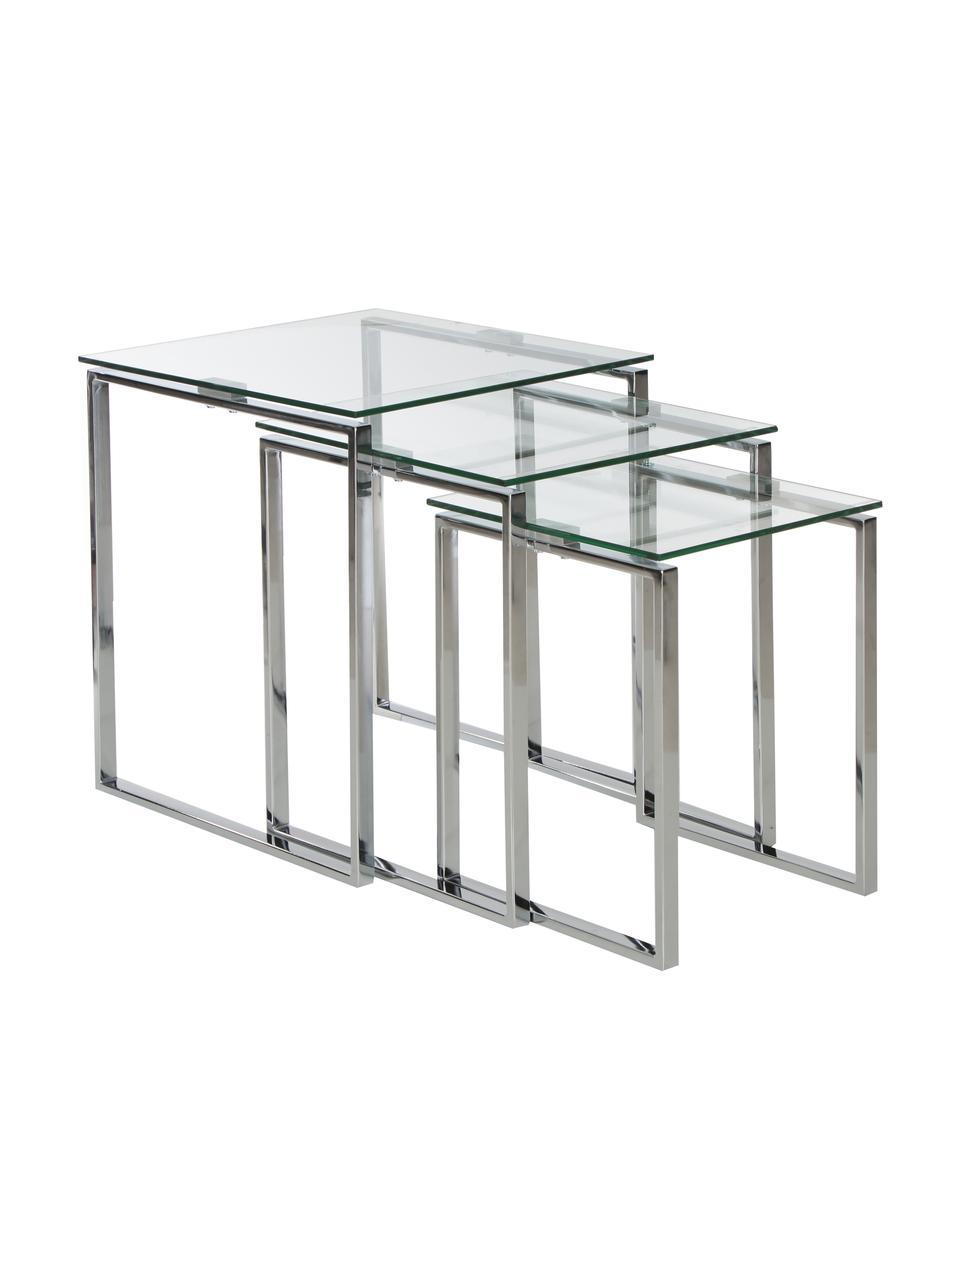 Beistelltisch 3-Set Katrine mit Glasplatte, Gestell: Stahl, verchromt, Tischplatte: Sicherheitsglas, Chrom, Transparent, Sondergrößen